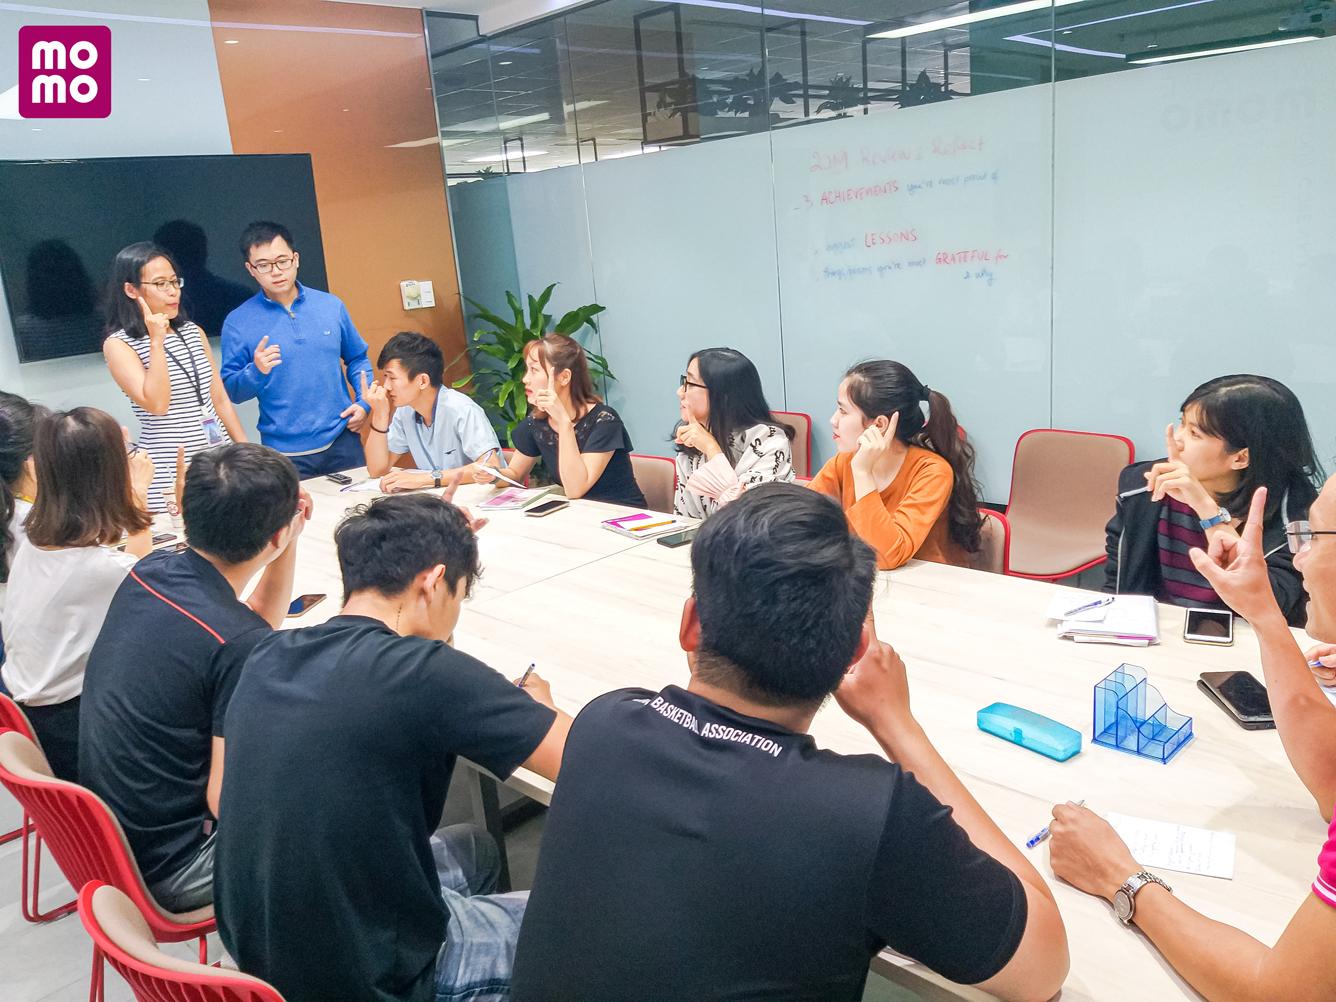 Jobs at Công Ty Cổ Phần Dịch Vụ Di Động Trực Tuyến (Ví MoMo)